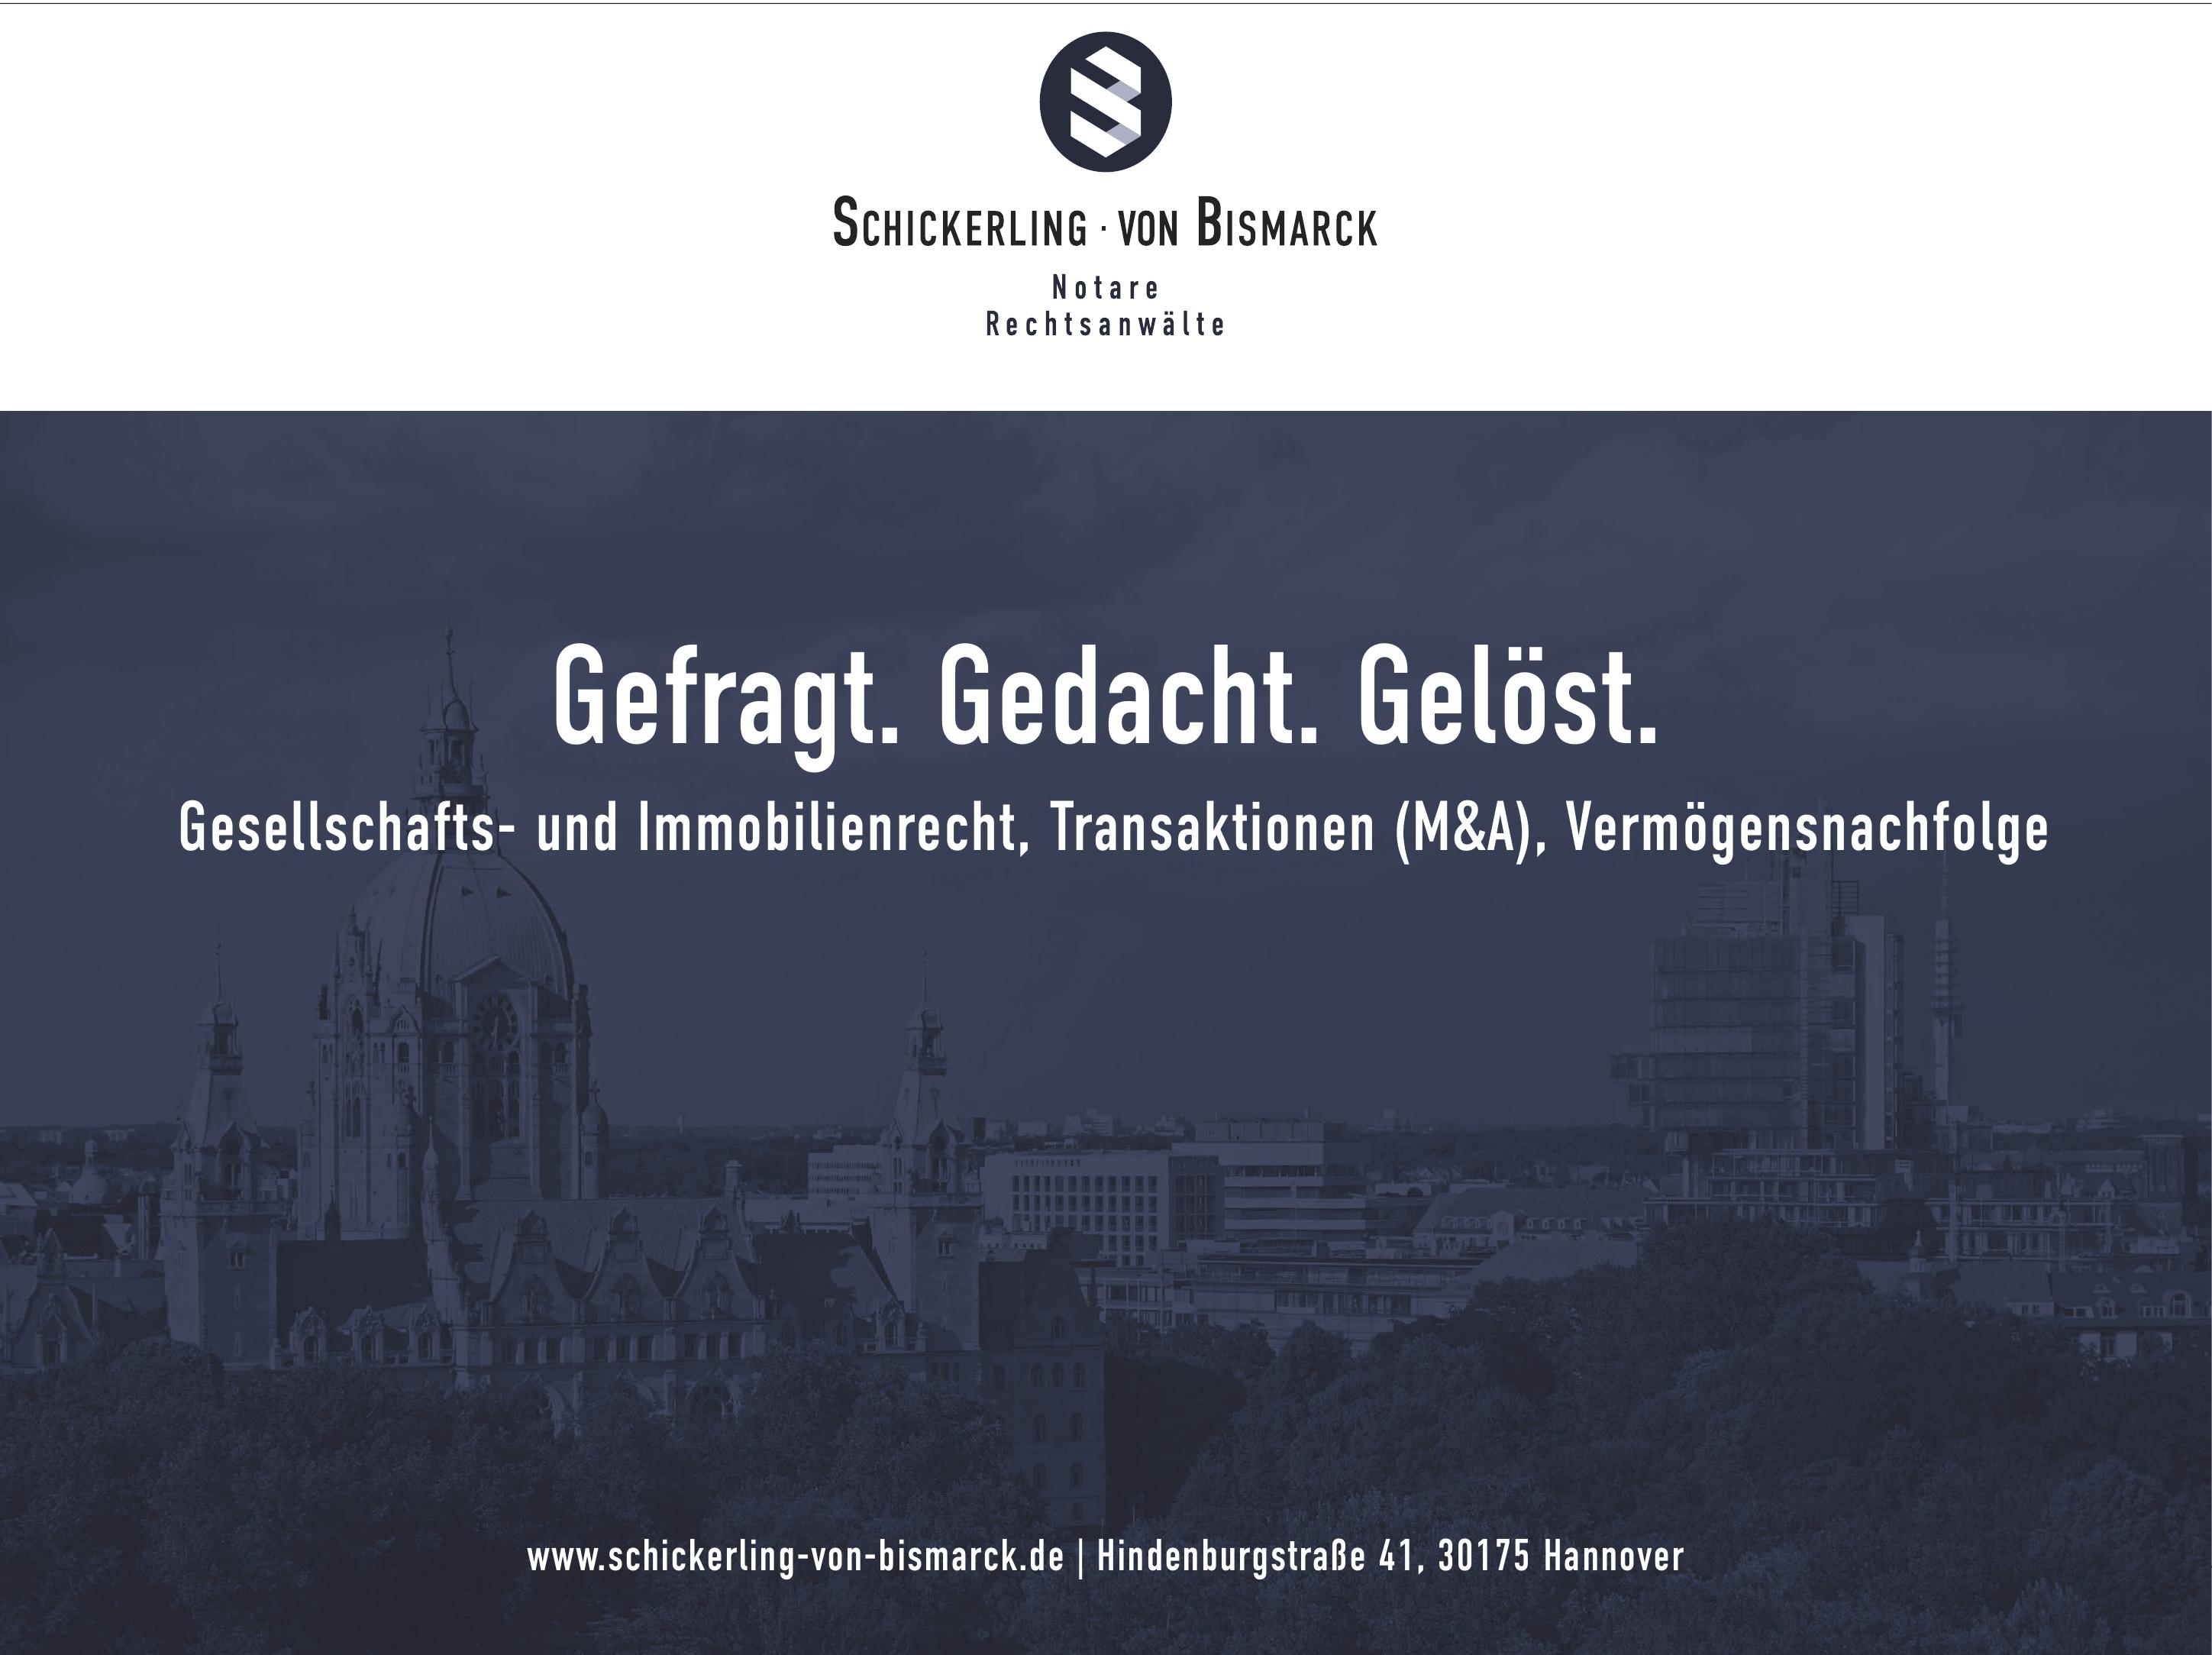 Schickerling - Von Bismarck - Notare - Rechtsanwälte